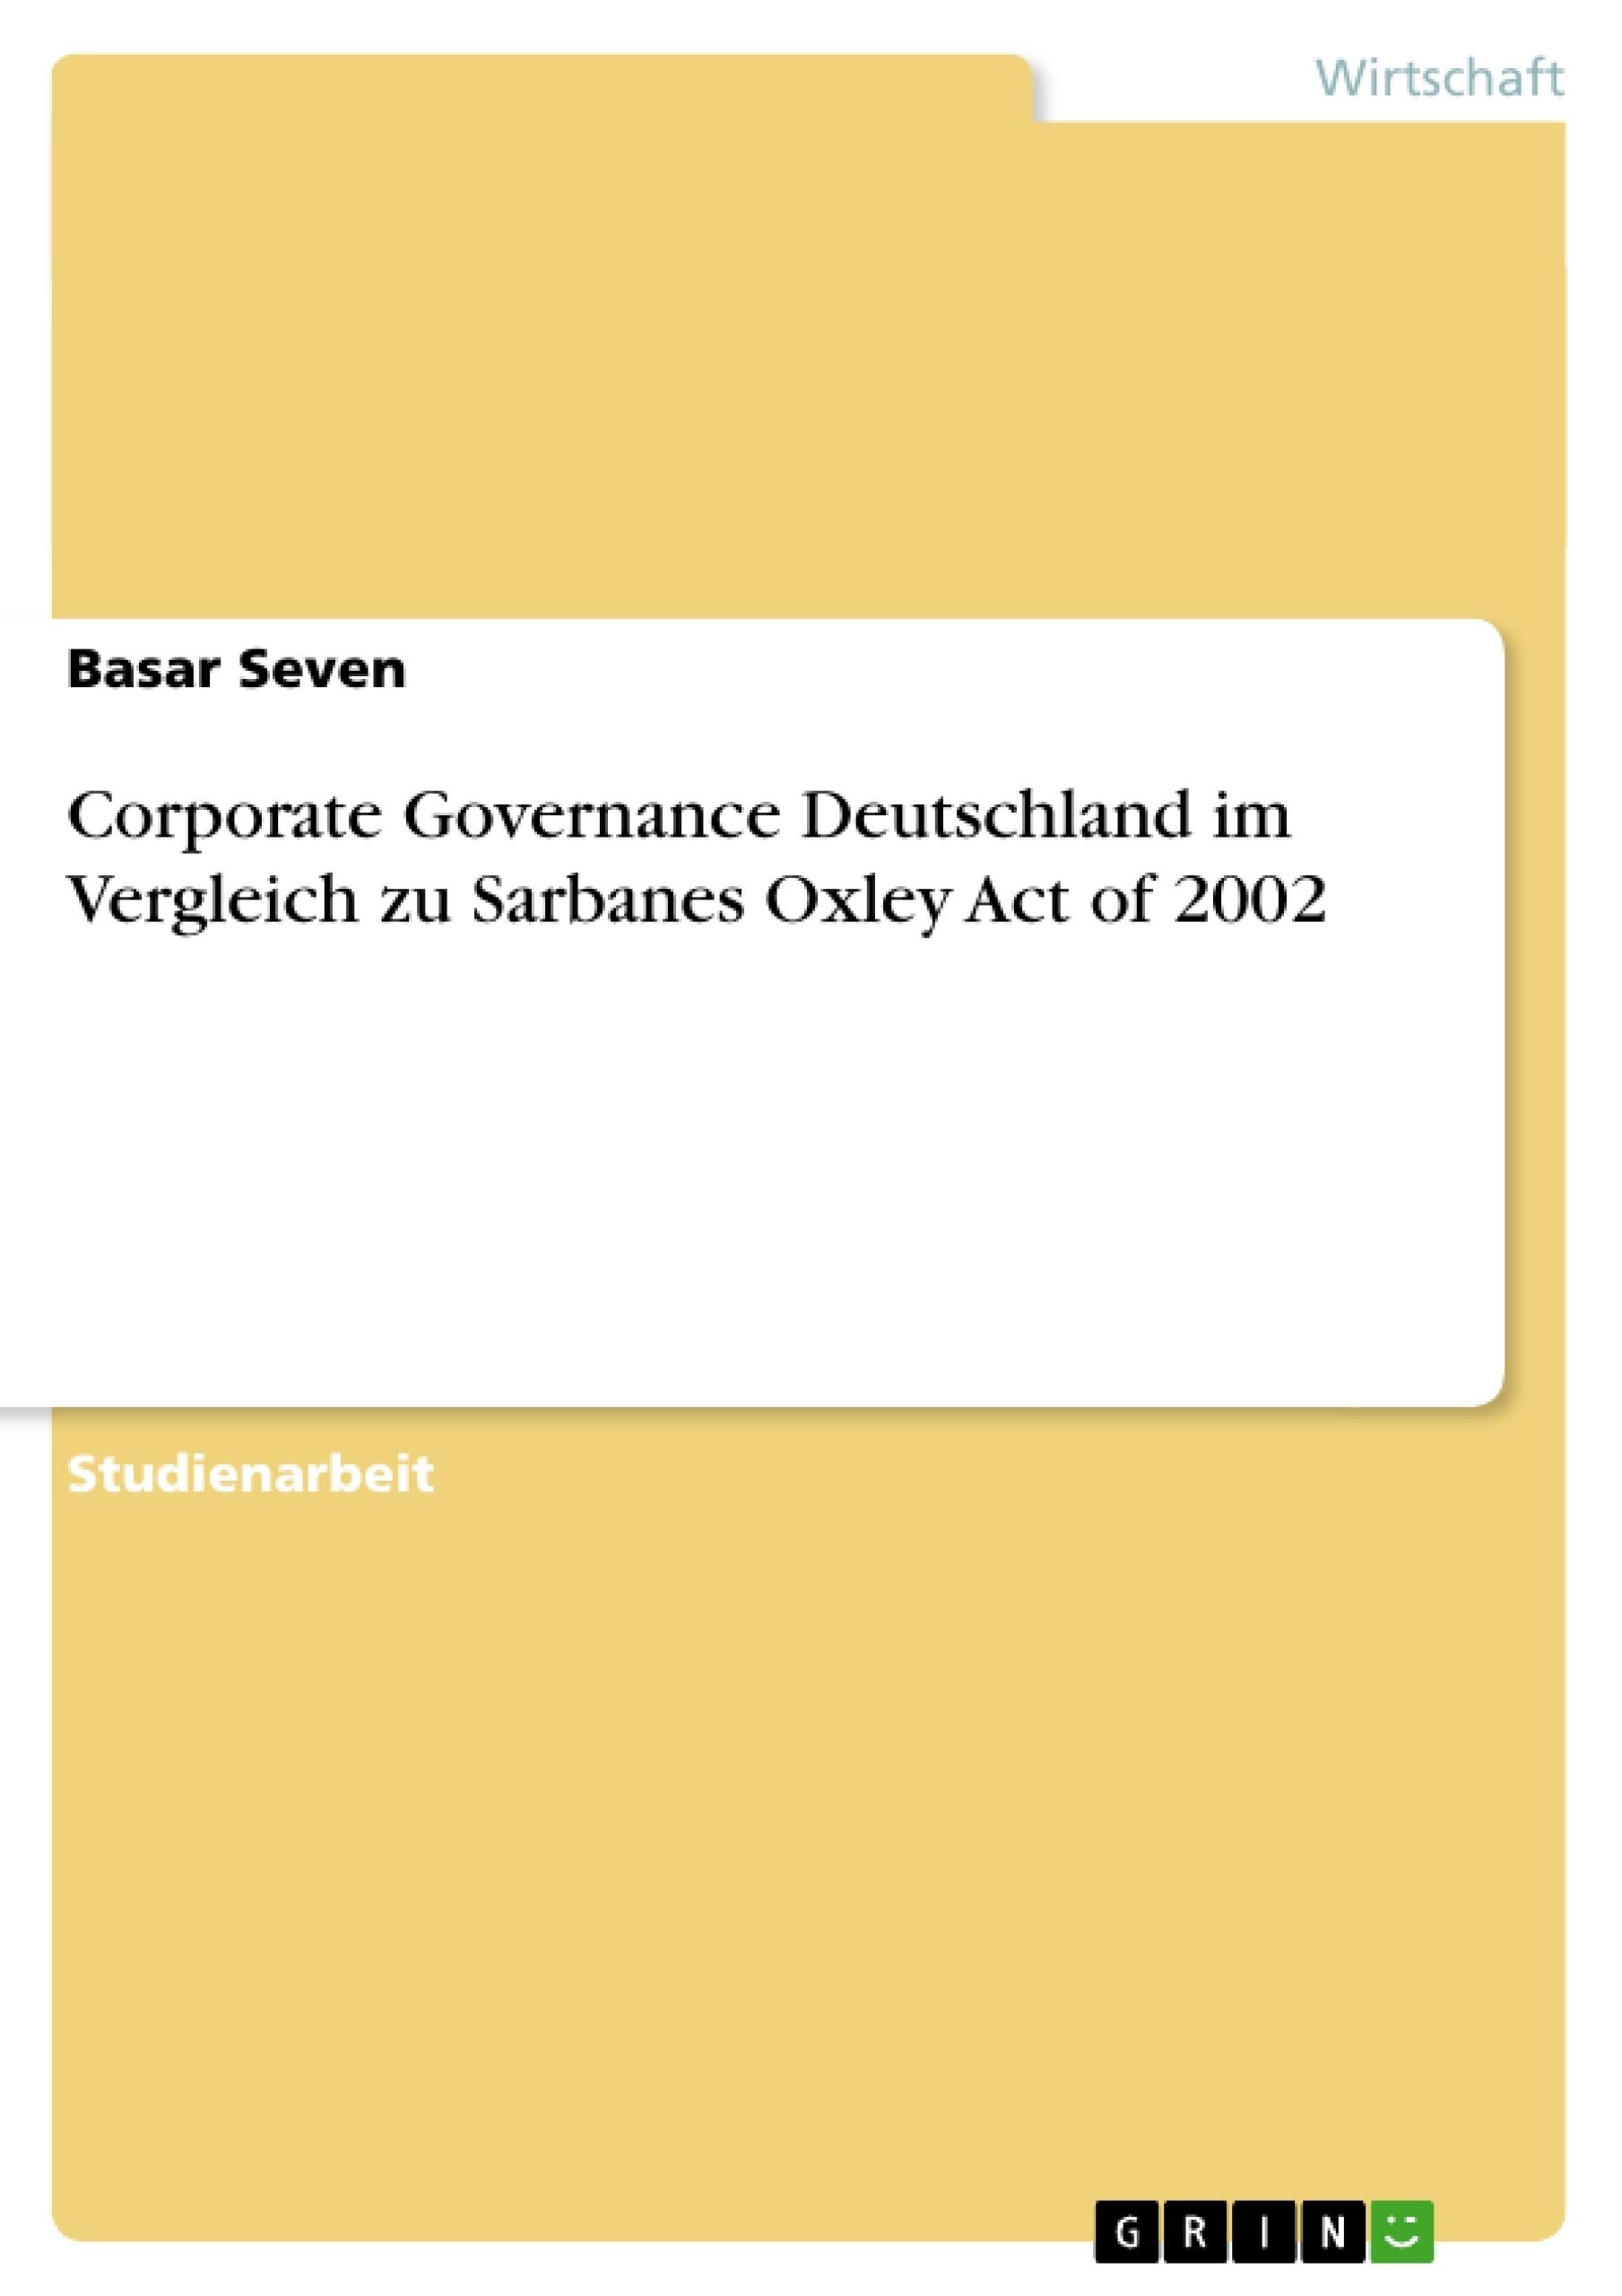 Titel: Corporate Governance Deutschland im Vergleich zu Sarbanes Oxley Act of 2002